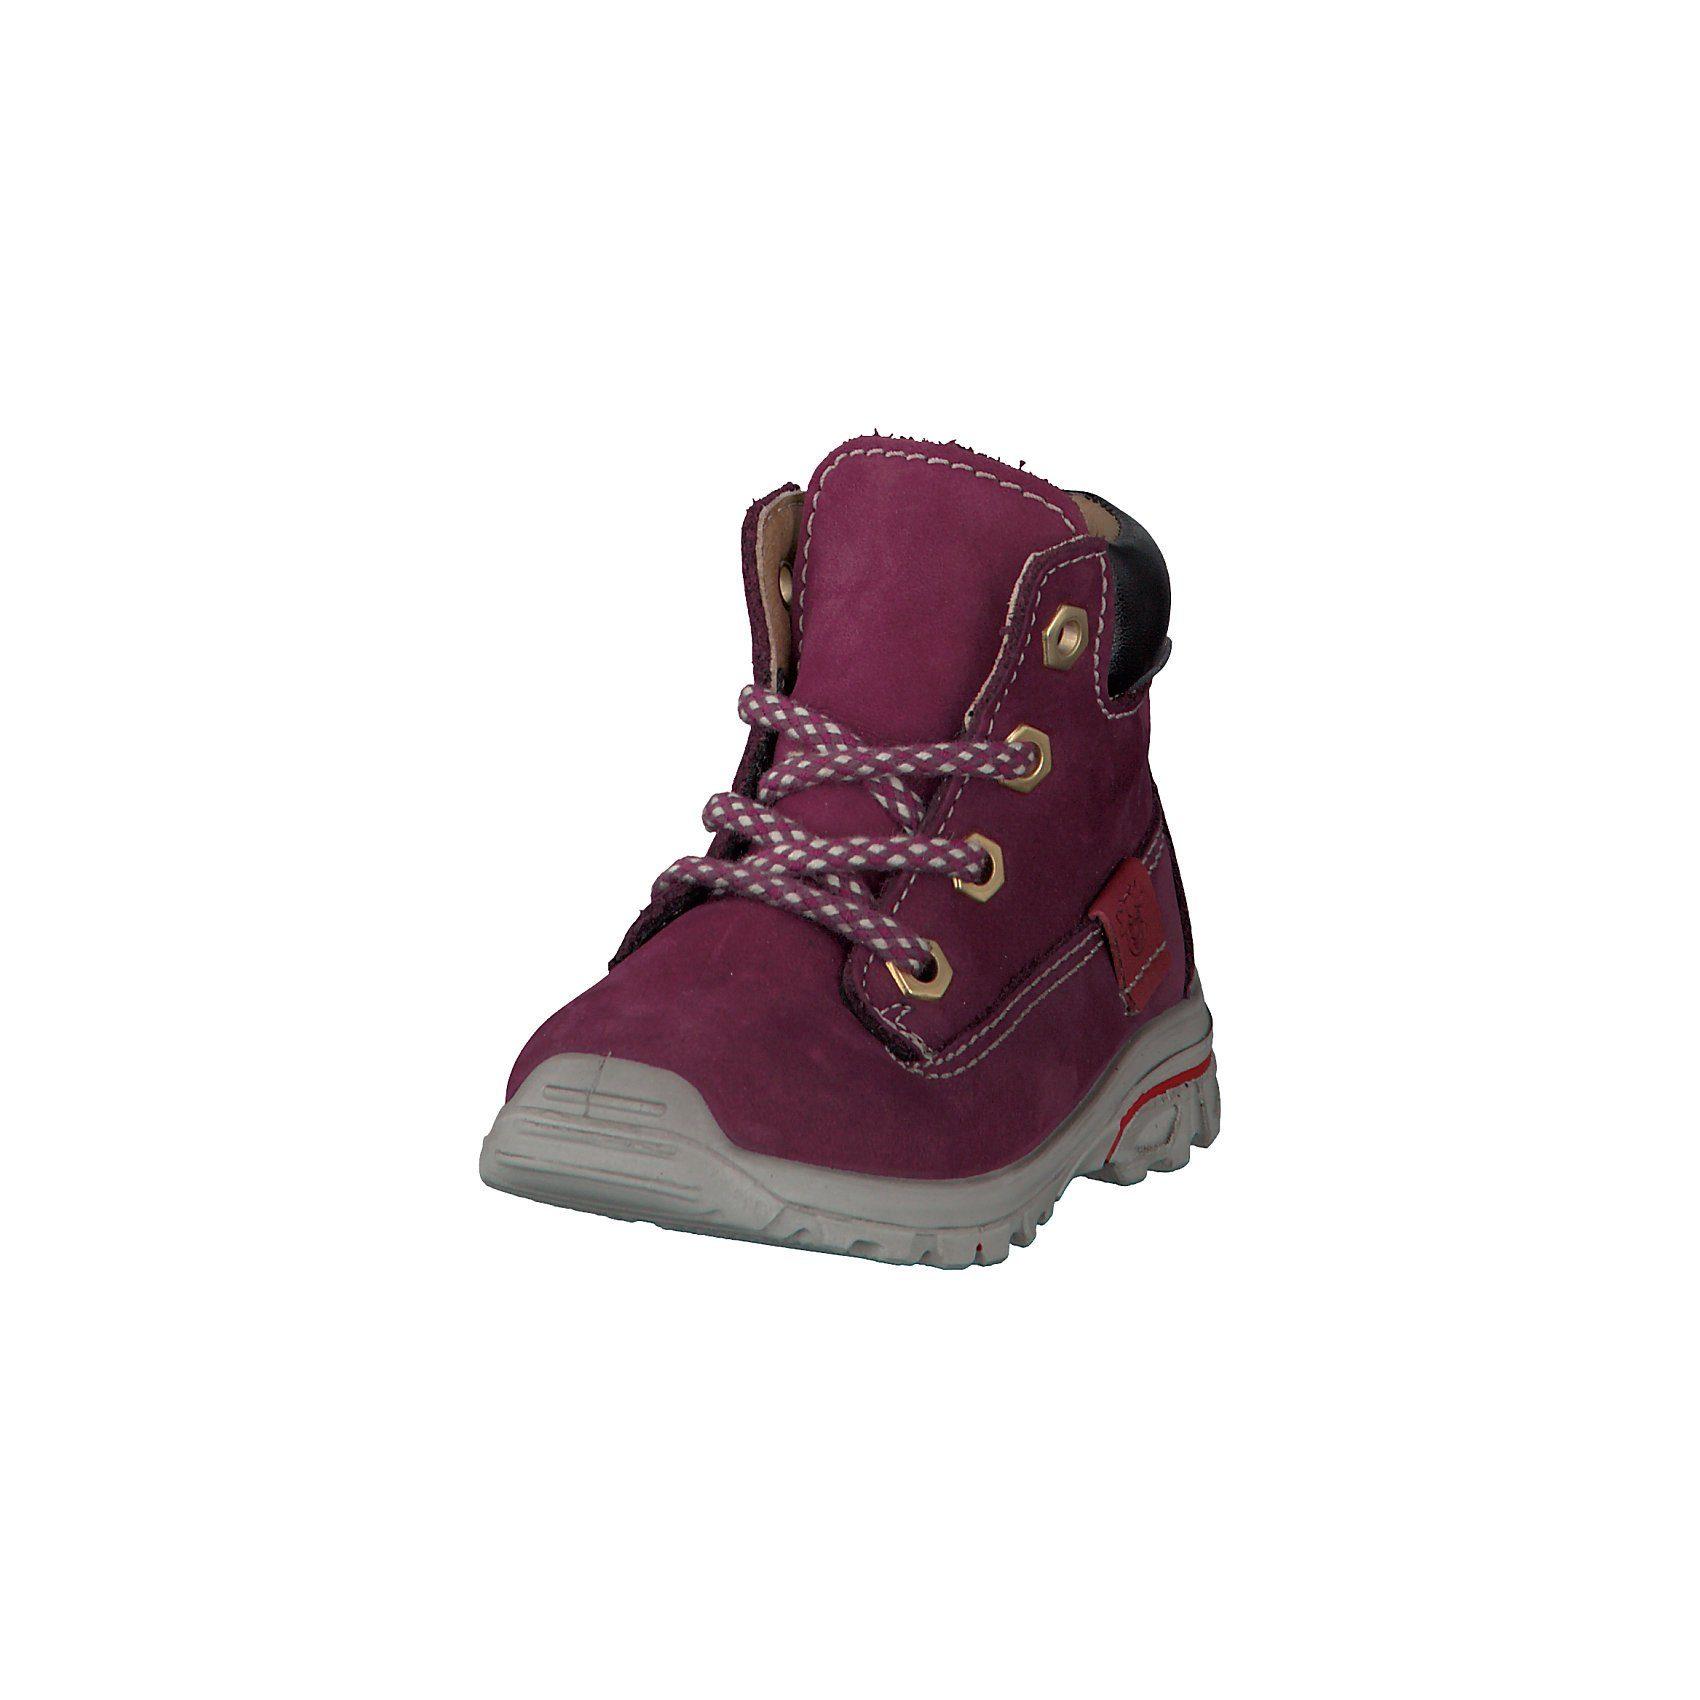 Pepino Baby Winterschuhe DEAN, Sympatex, Weite W für breite Füße online kaufen | OTTO